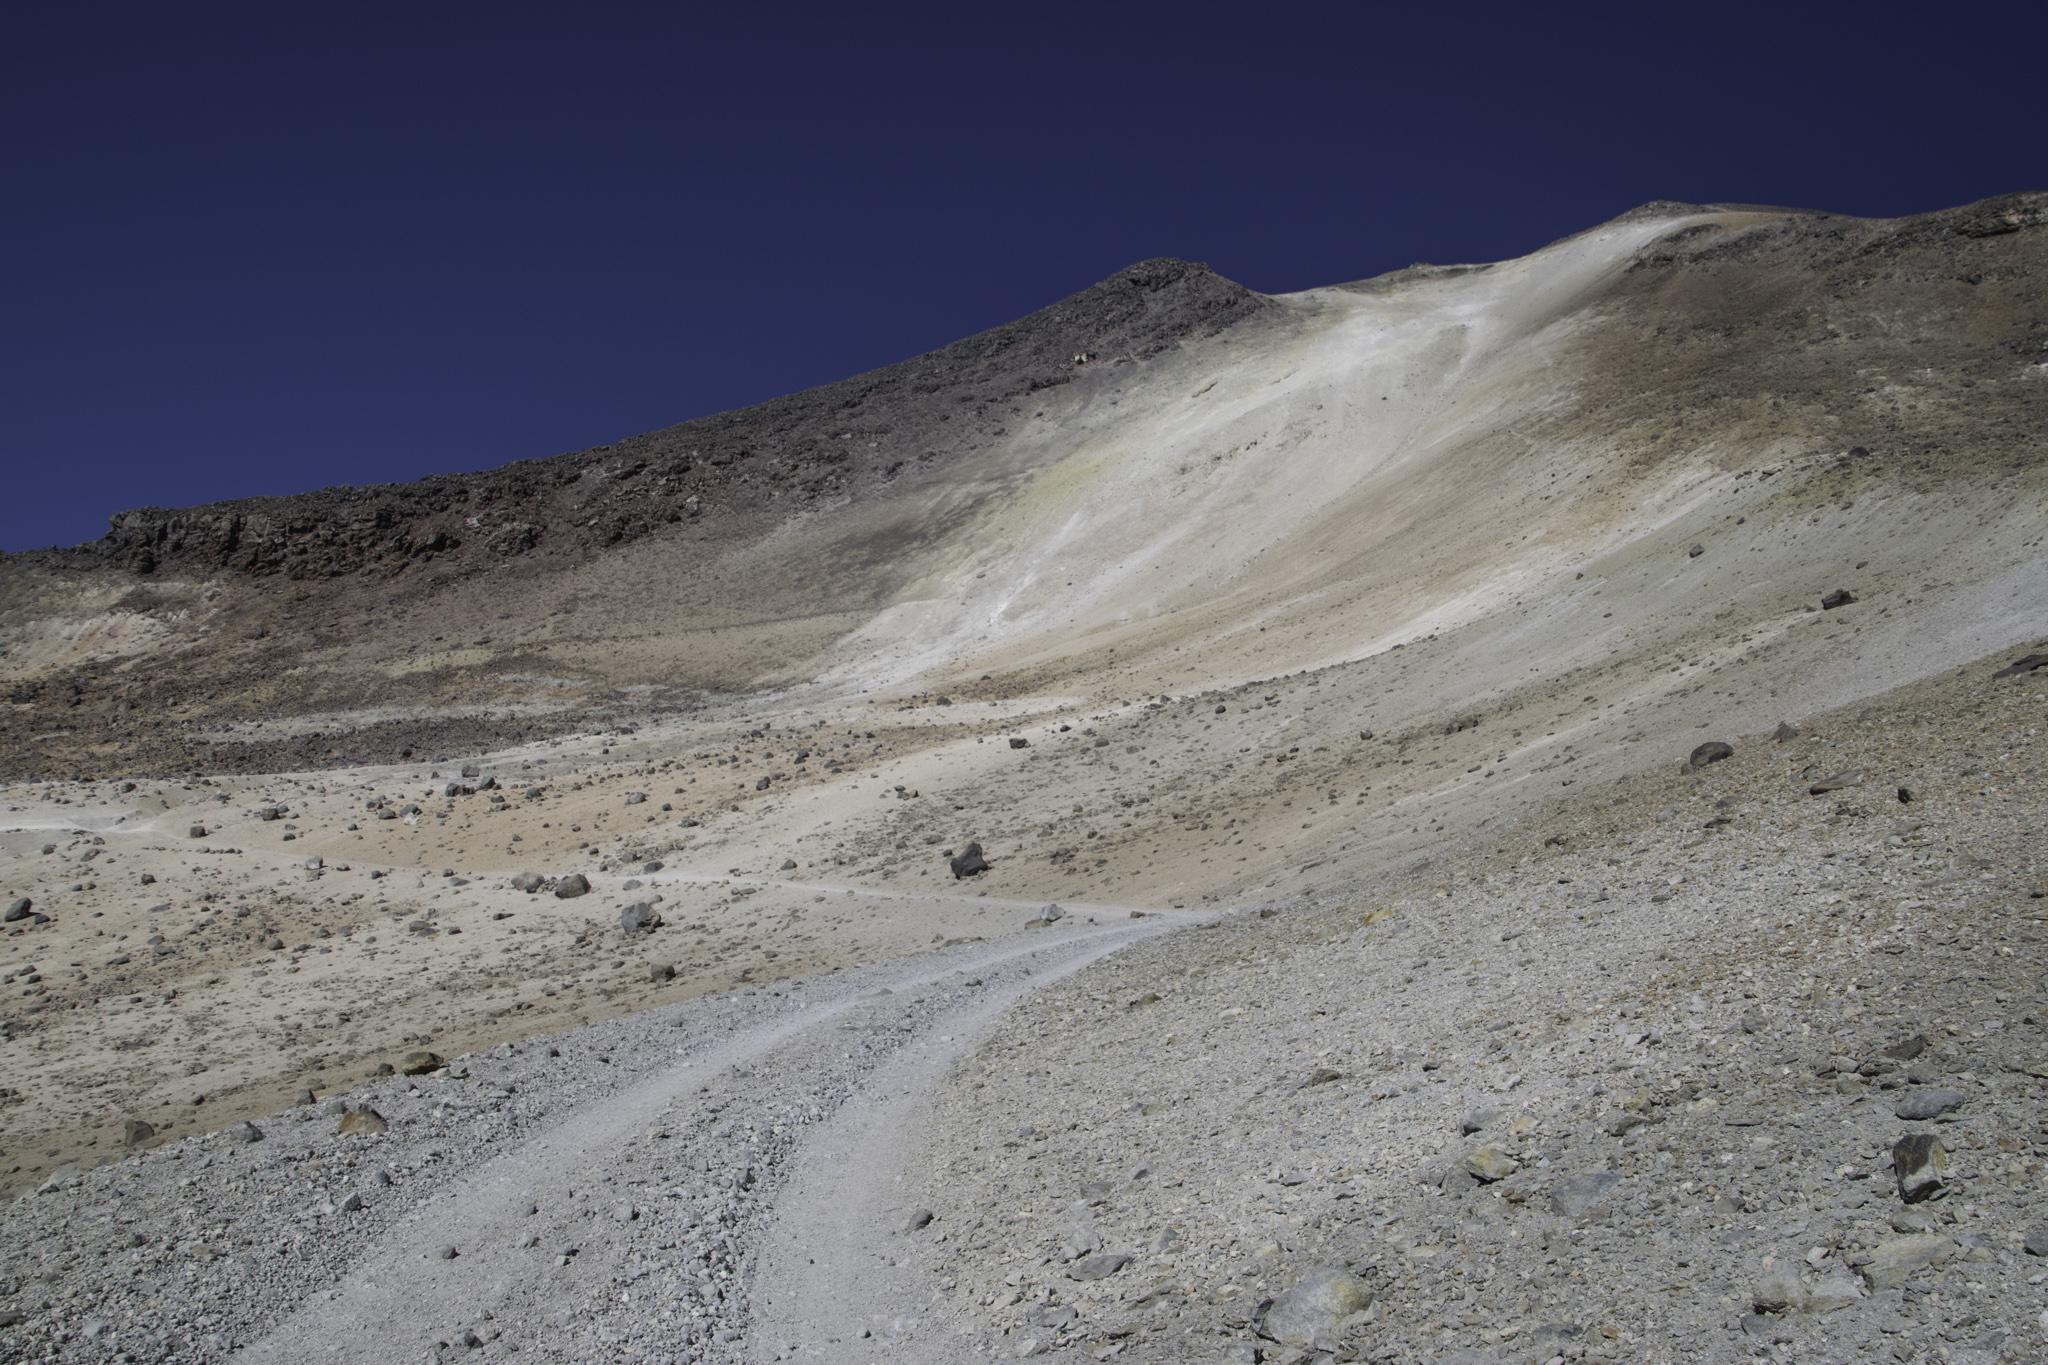 Auf dem Weg zum Gipfel des Uturuncu